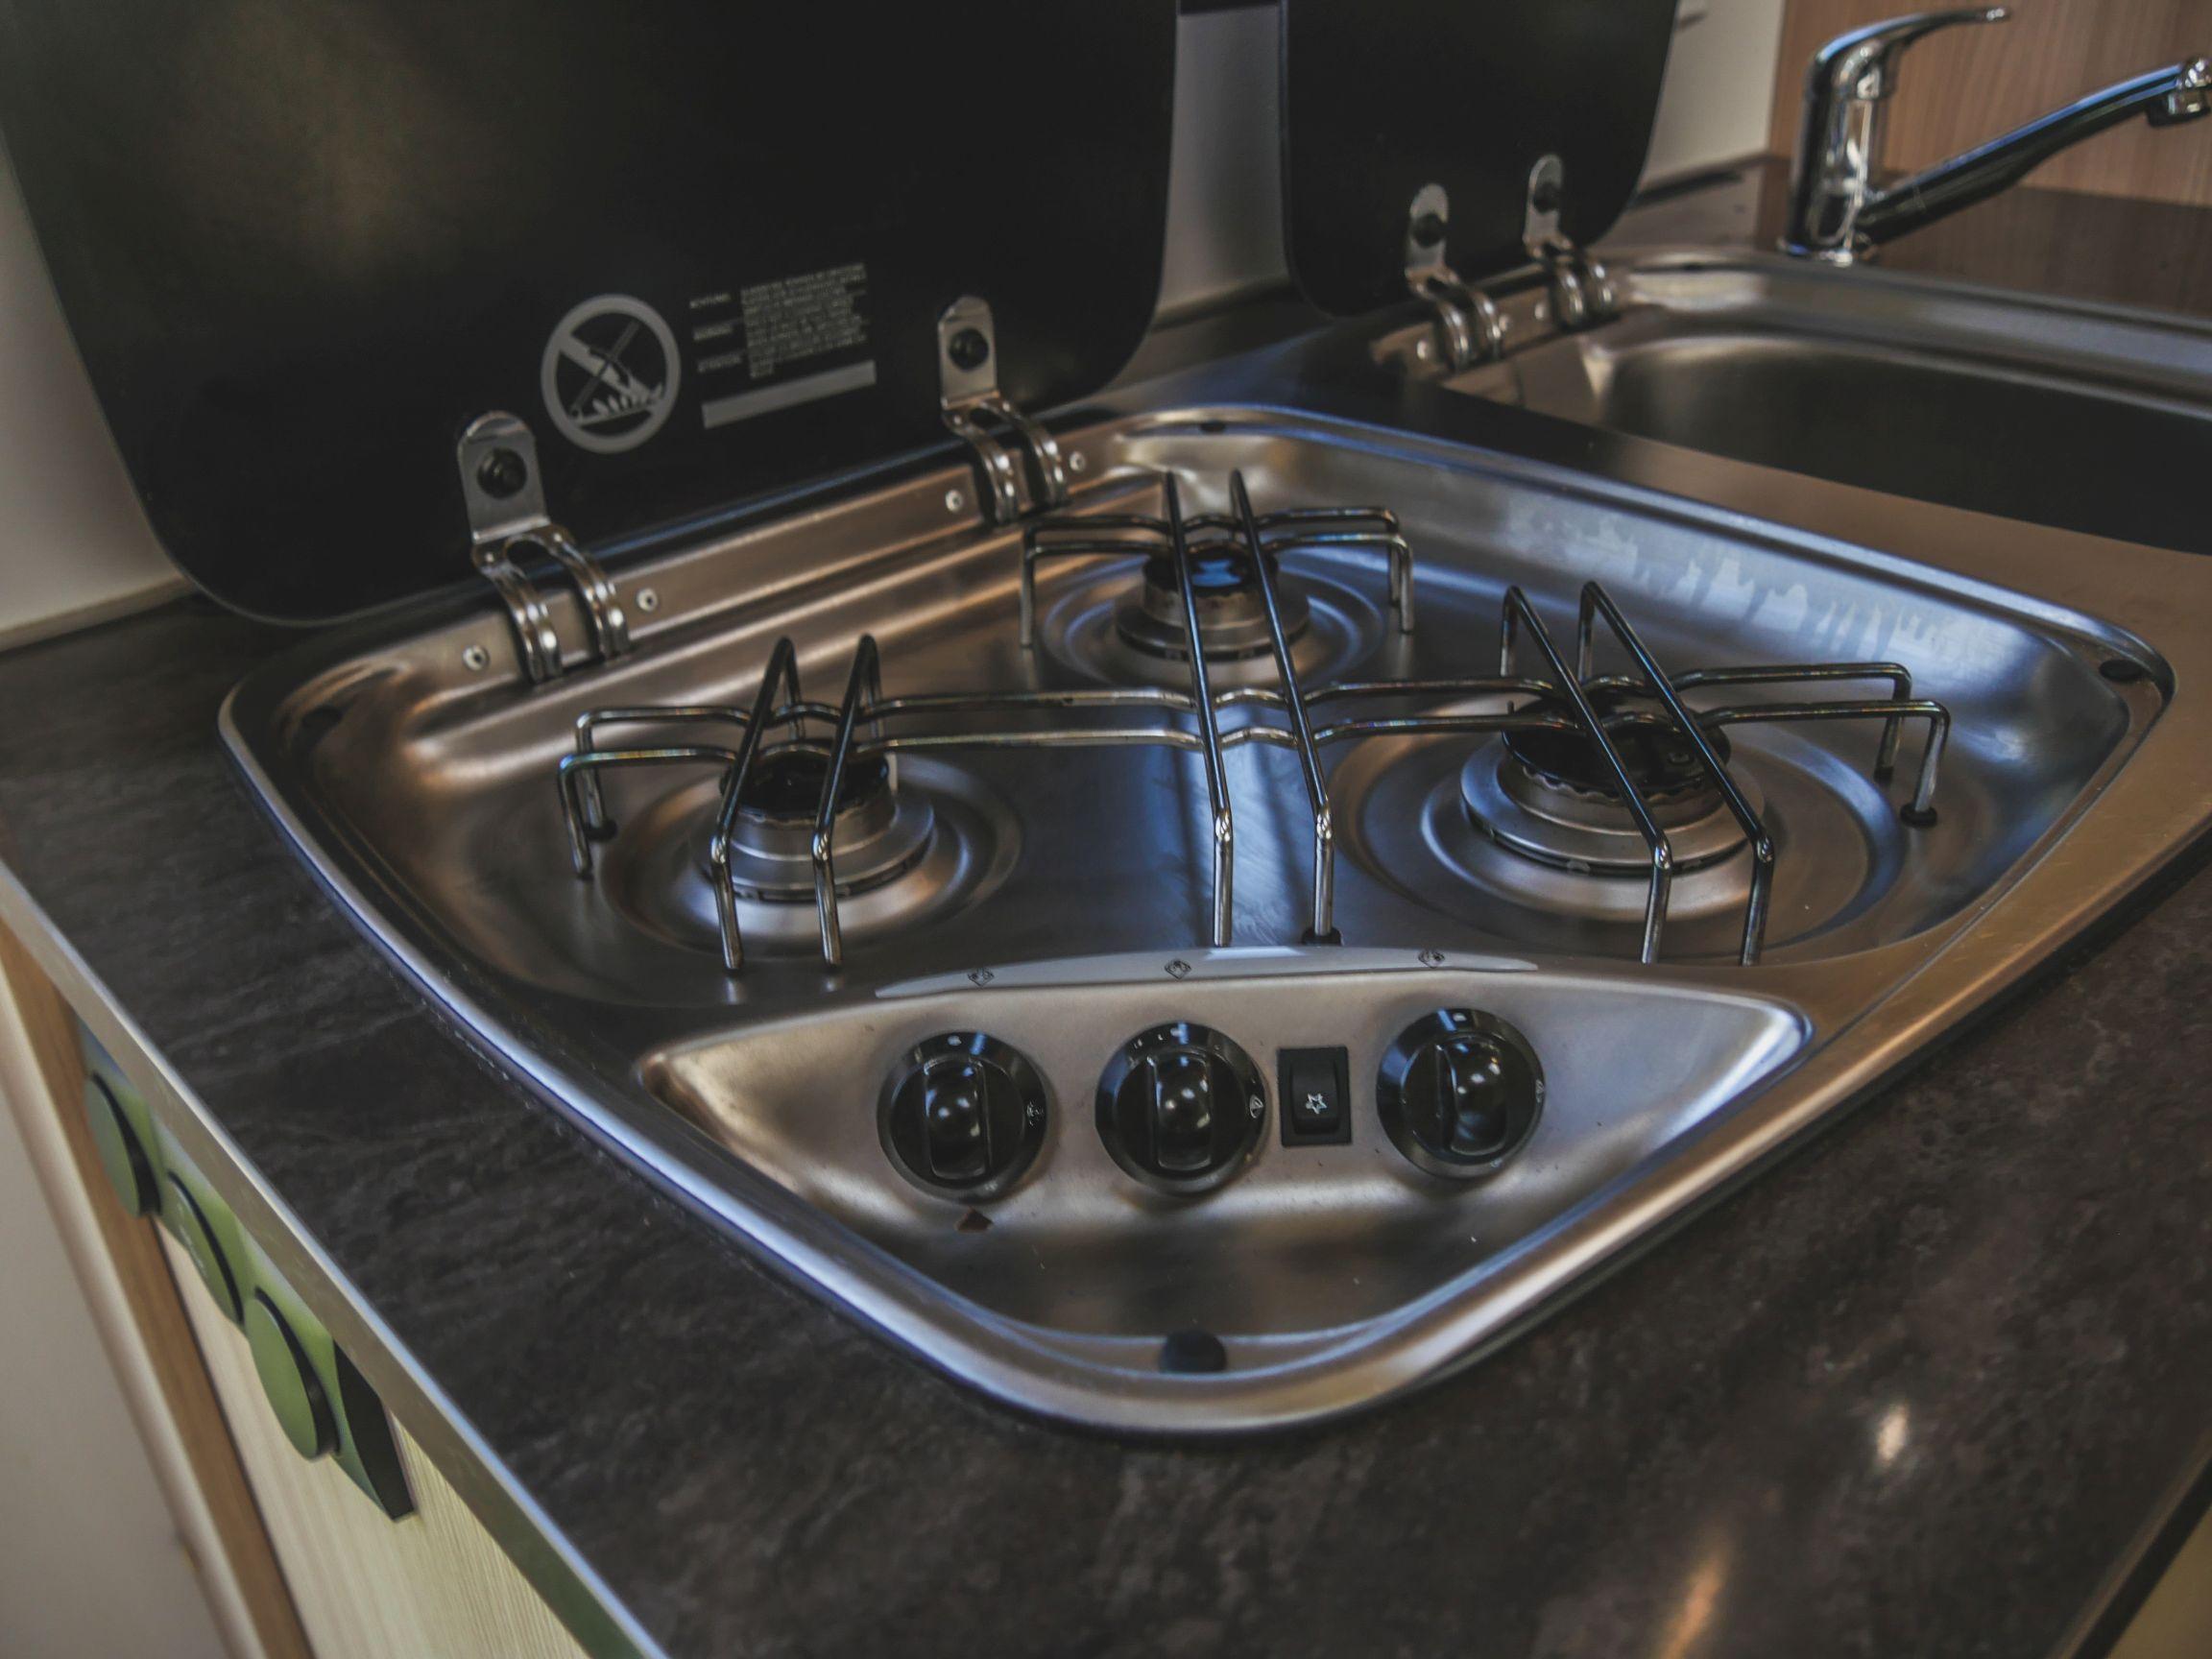 Bürstner A 660 interiér kuchyňský sporák